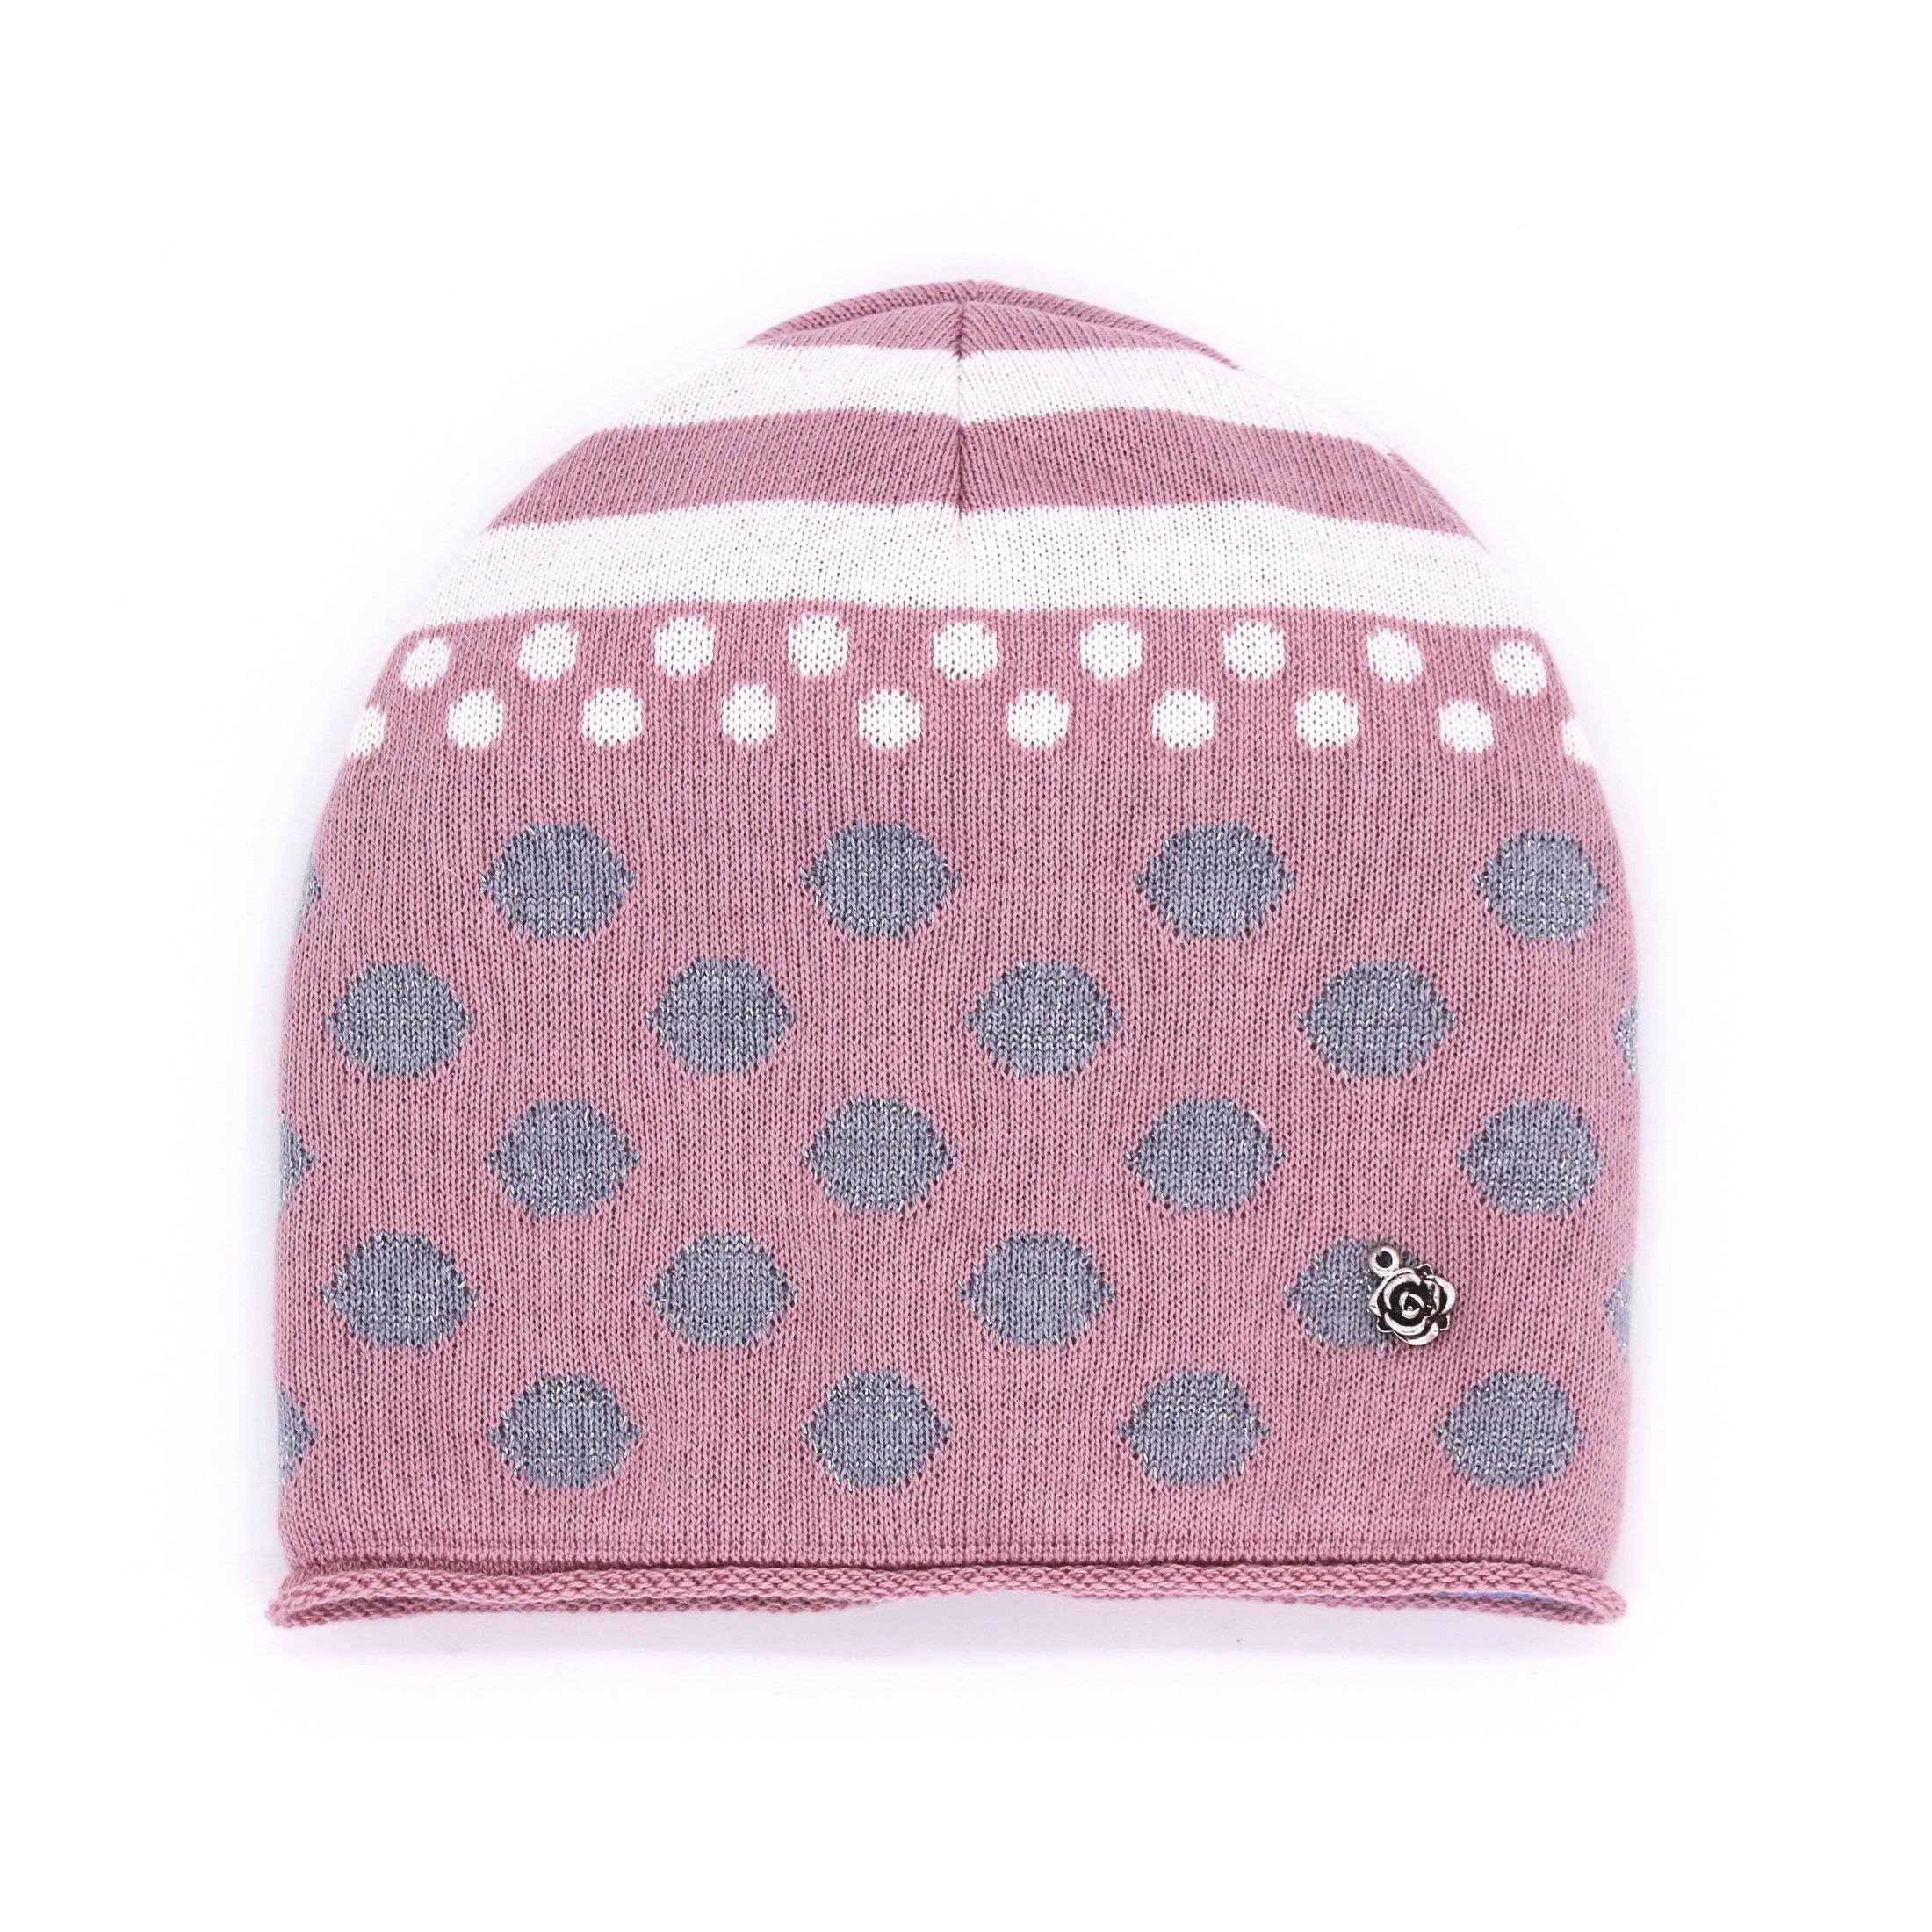 Купить Шапка детская Nais Д200-3989-пудра розовый р.50,